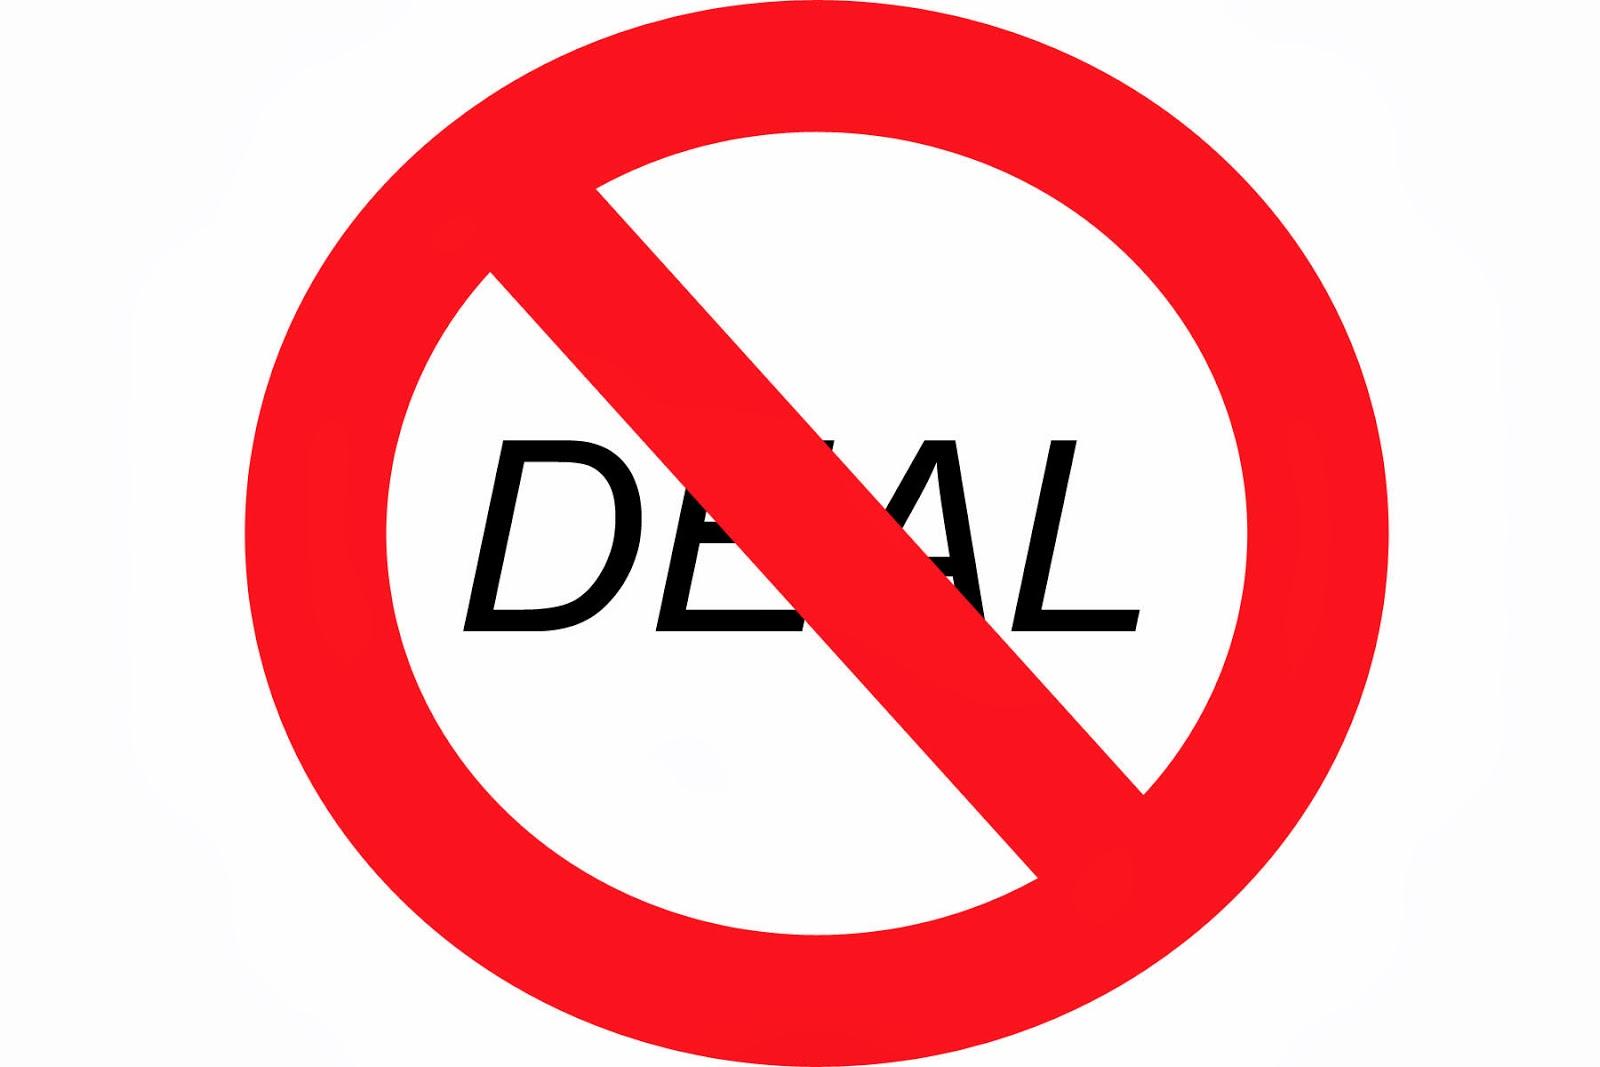 http://3.bp.blogspot.com/-4PB57C2aQNg/UlHY3QU1v6I/AAAAAAAAAKA/pmbQX6QFT1k/s1600/no+deal.jpg